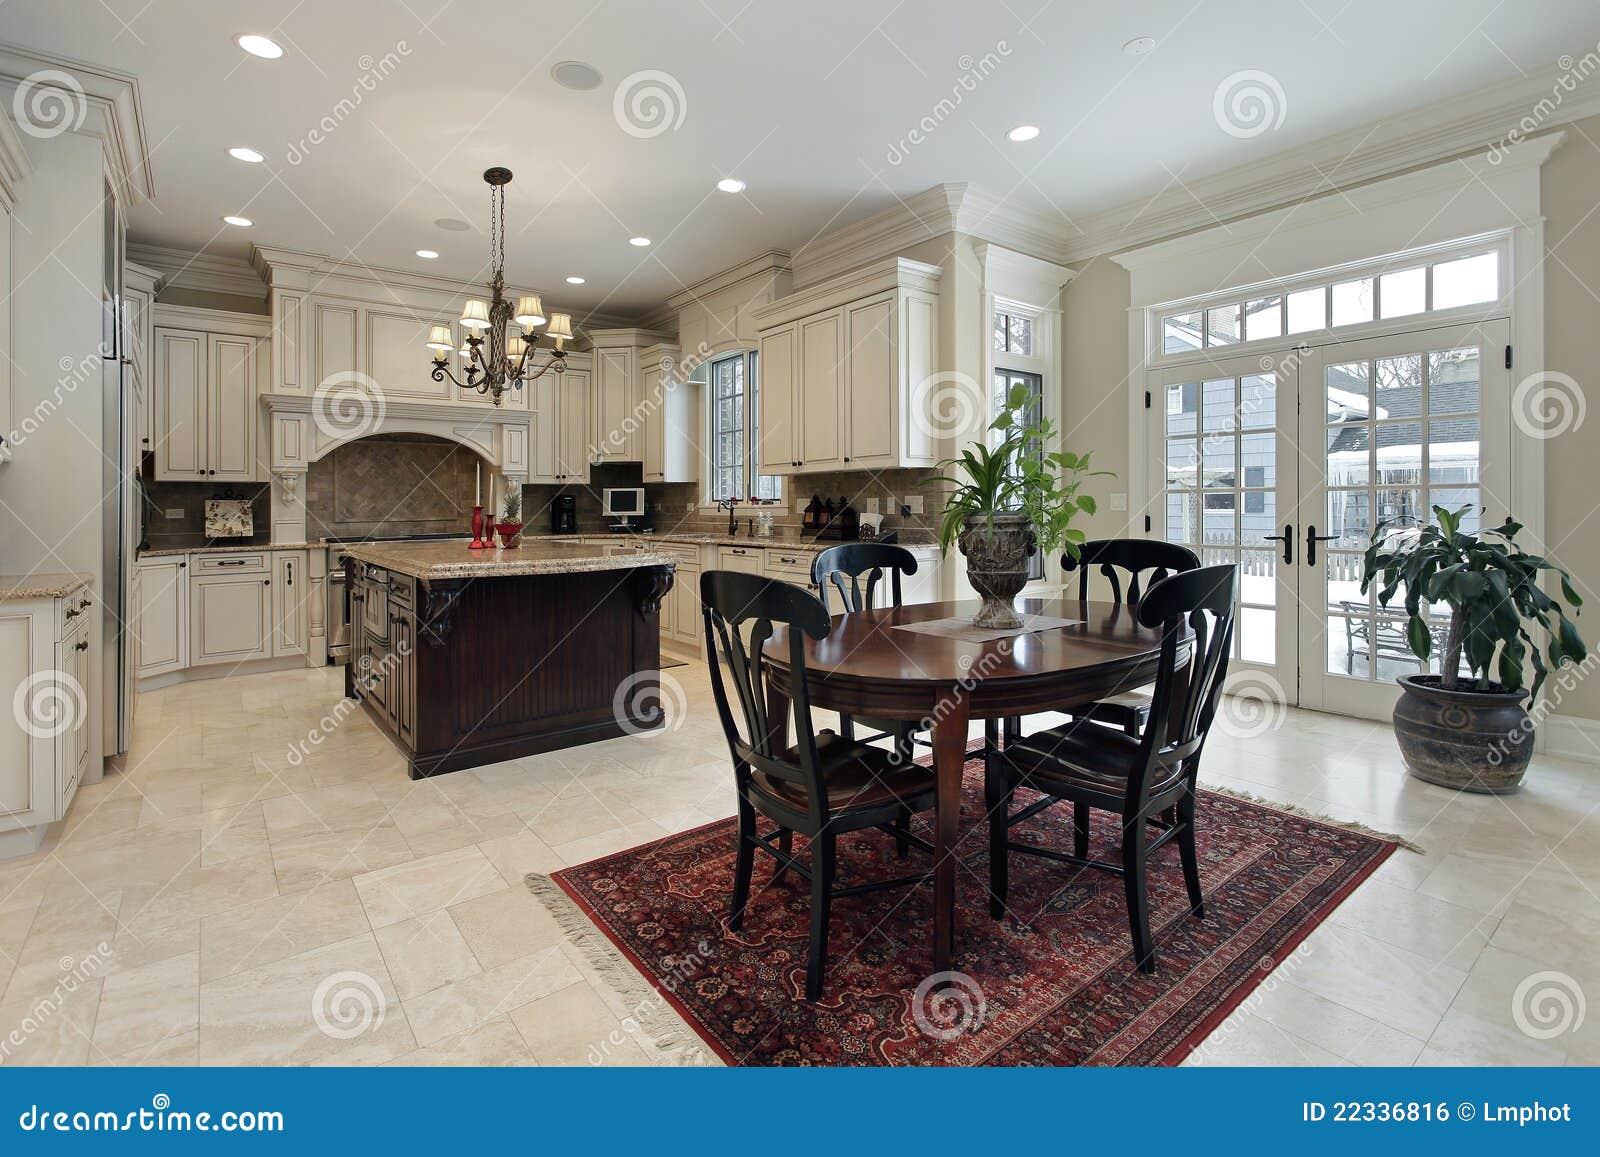 Grote keuken met eiland royalty vrije stock afbeelding afbeelding 22336816 - Eiland maaltijd ...